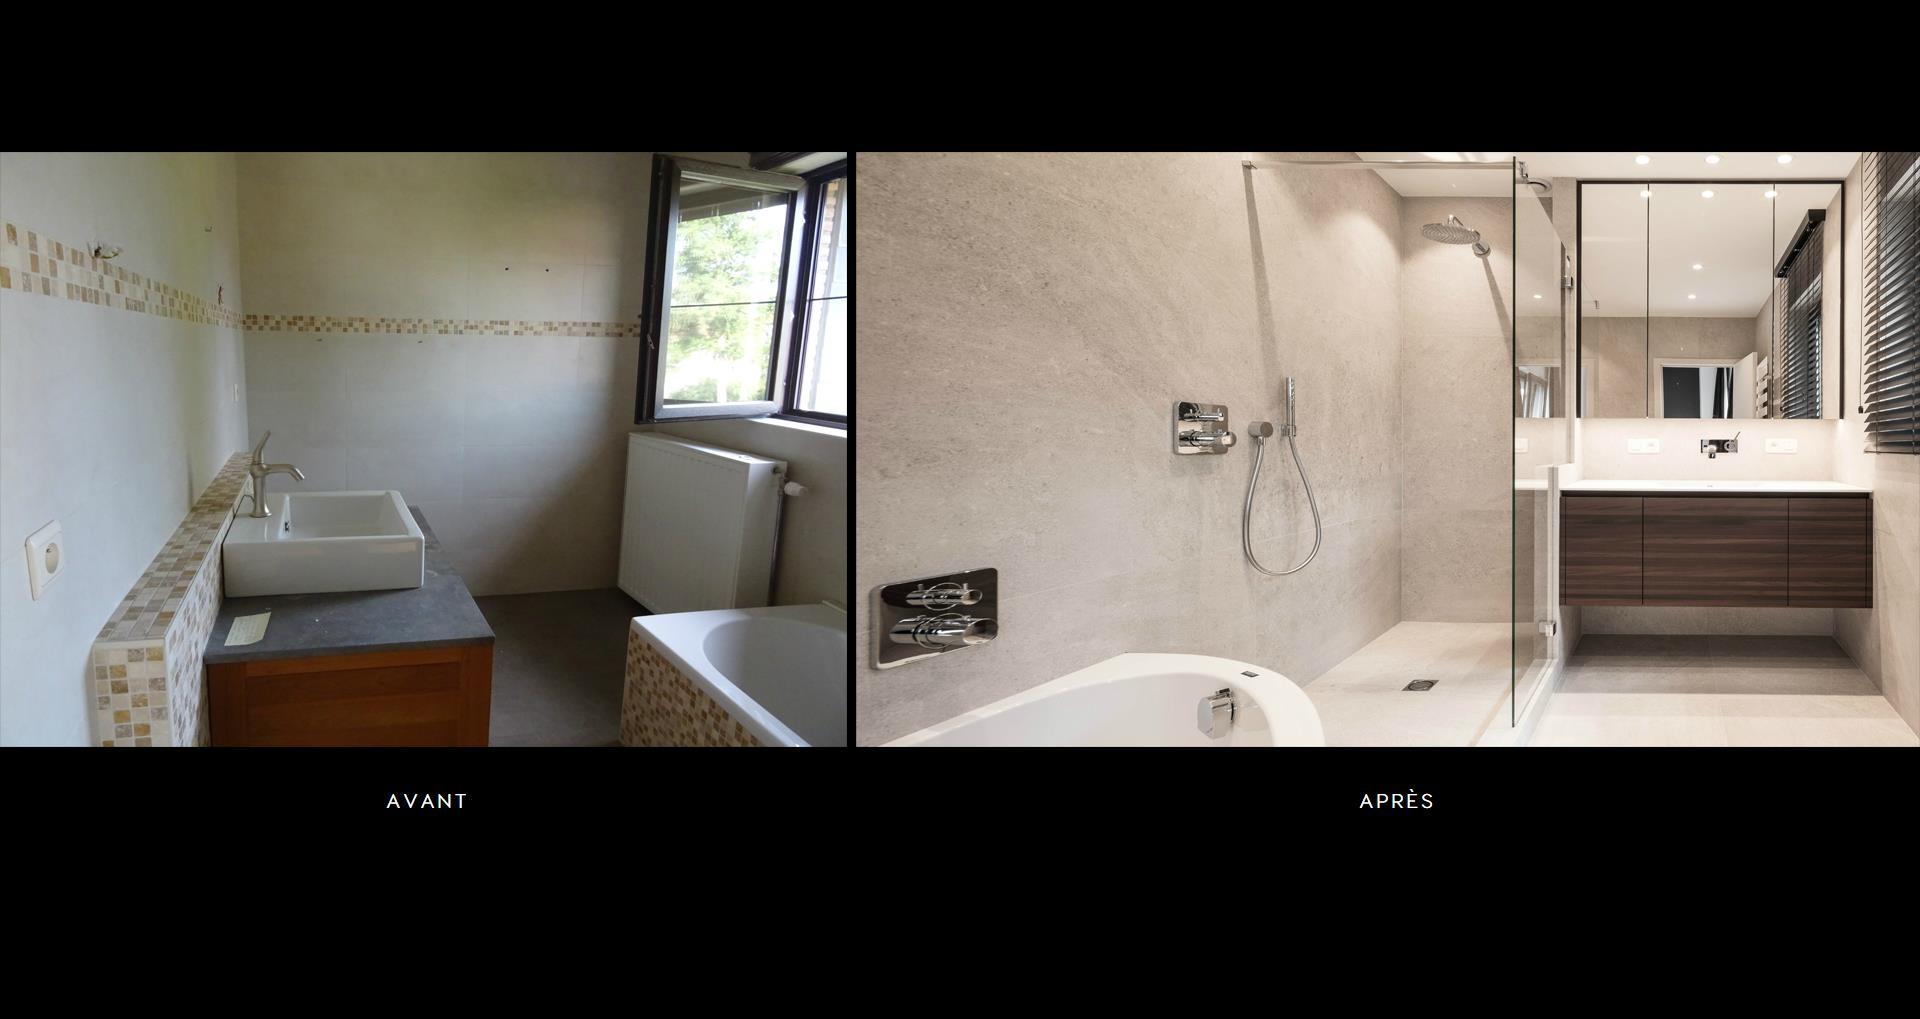 Rénovation salle de bain, rénovation salle de bain petite dimension